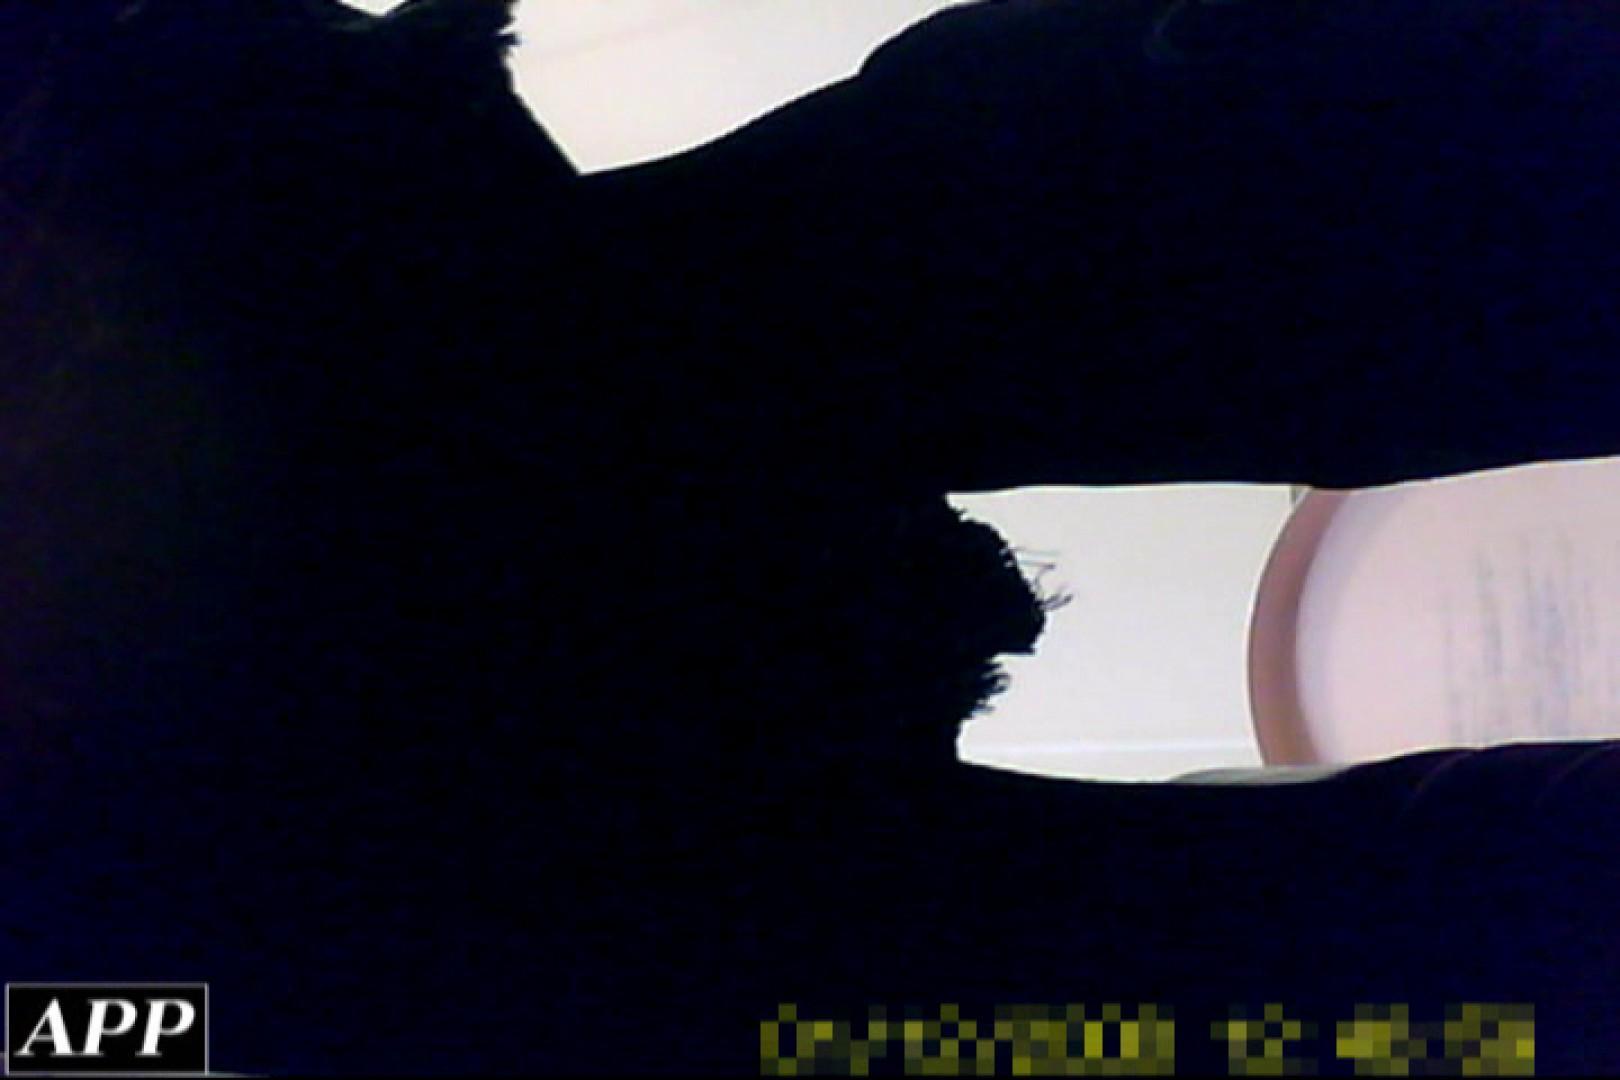 3視点洗面所 vol.061 エロティックなOL   洗面所はめどり  80画像 25